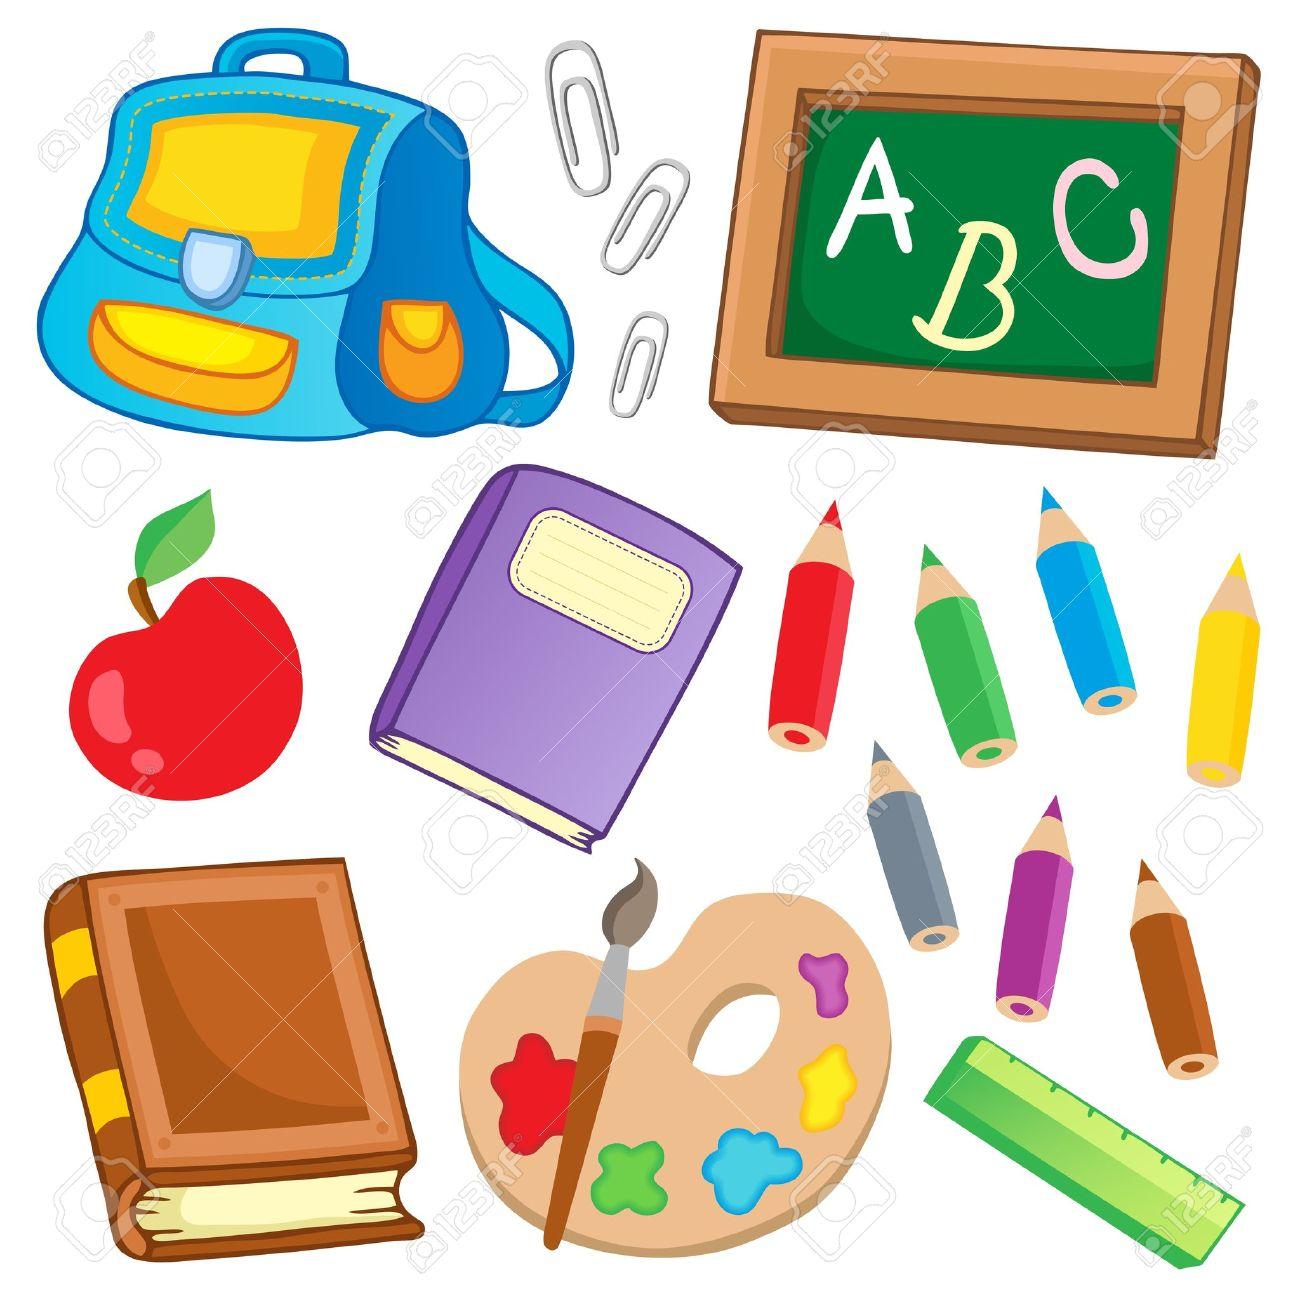 útiles Escolares Animados Imágenes De Archivo, Vectores, útiles ...